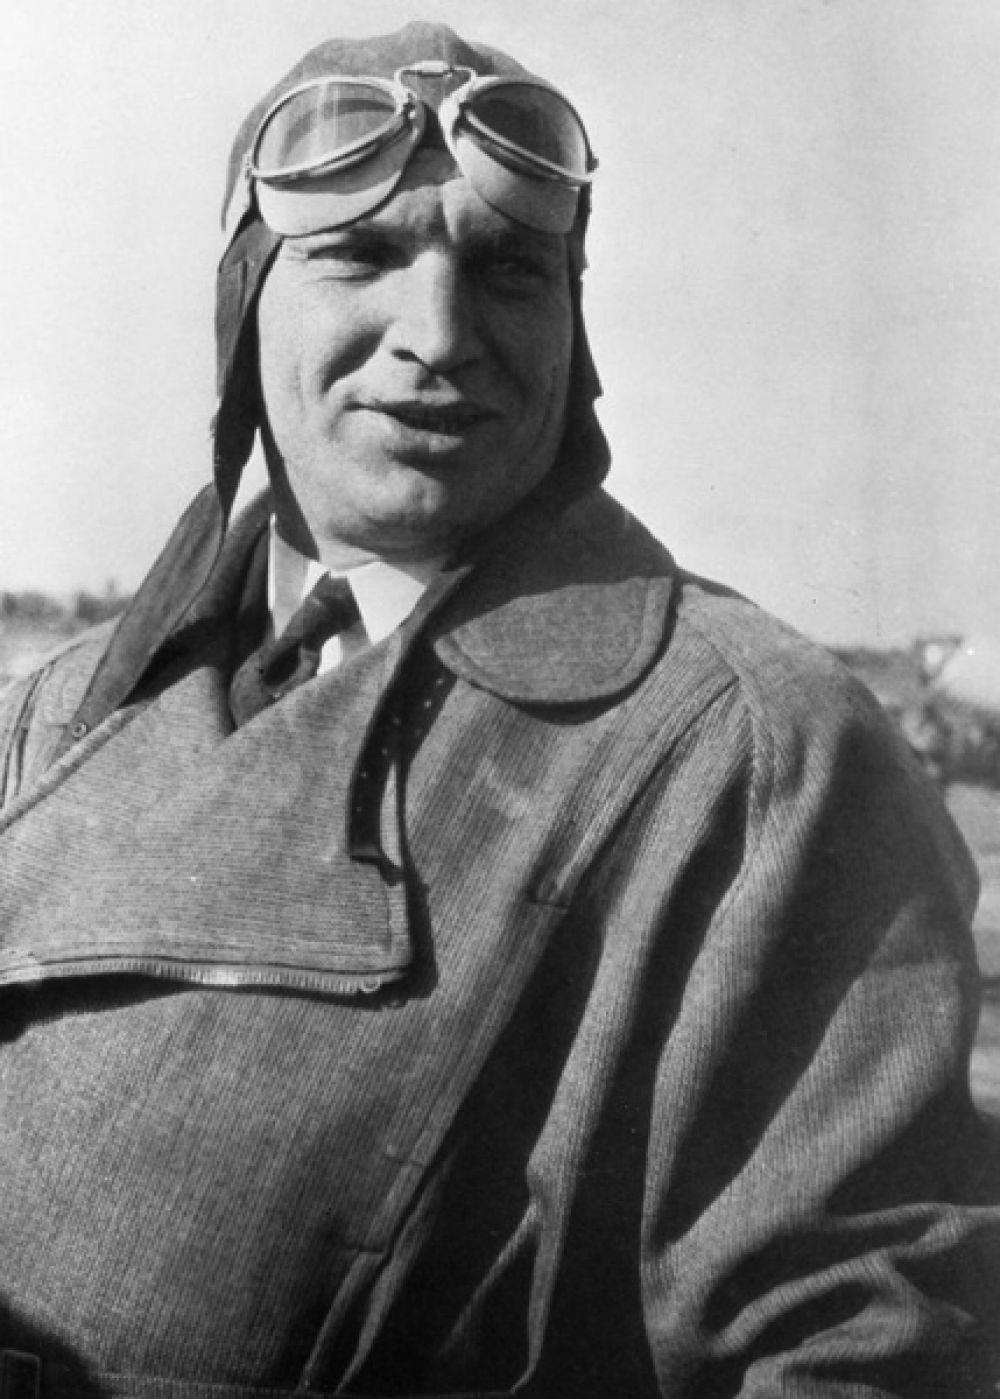 Нижний Новгород — летчик Валерий Чкалов.